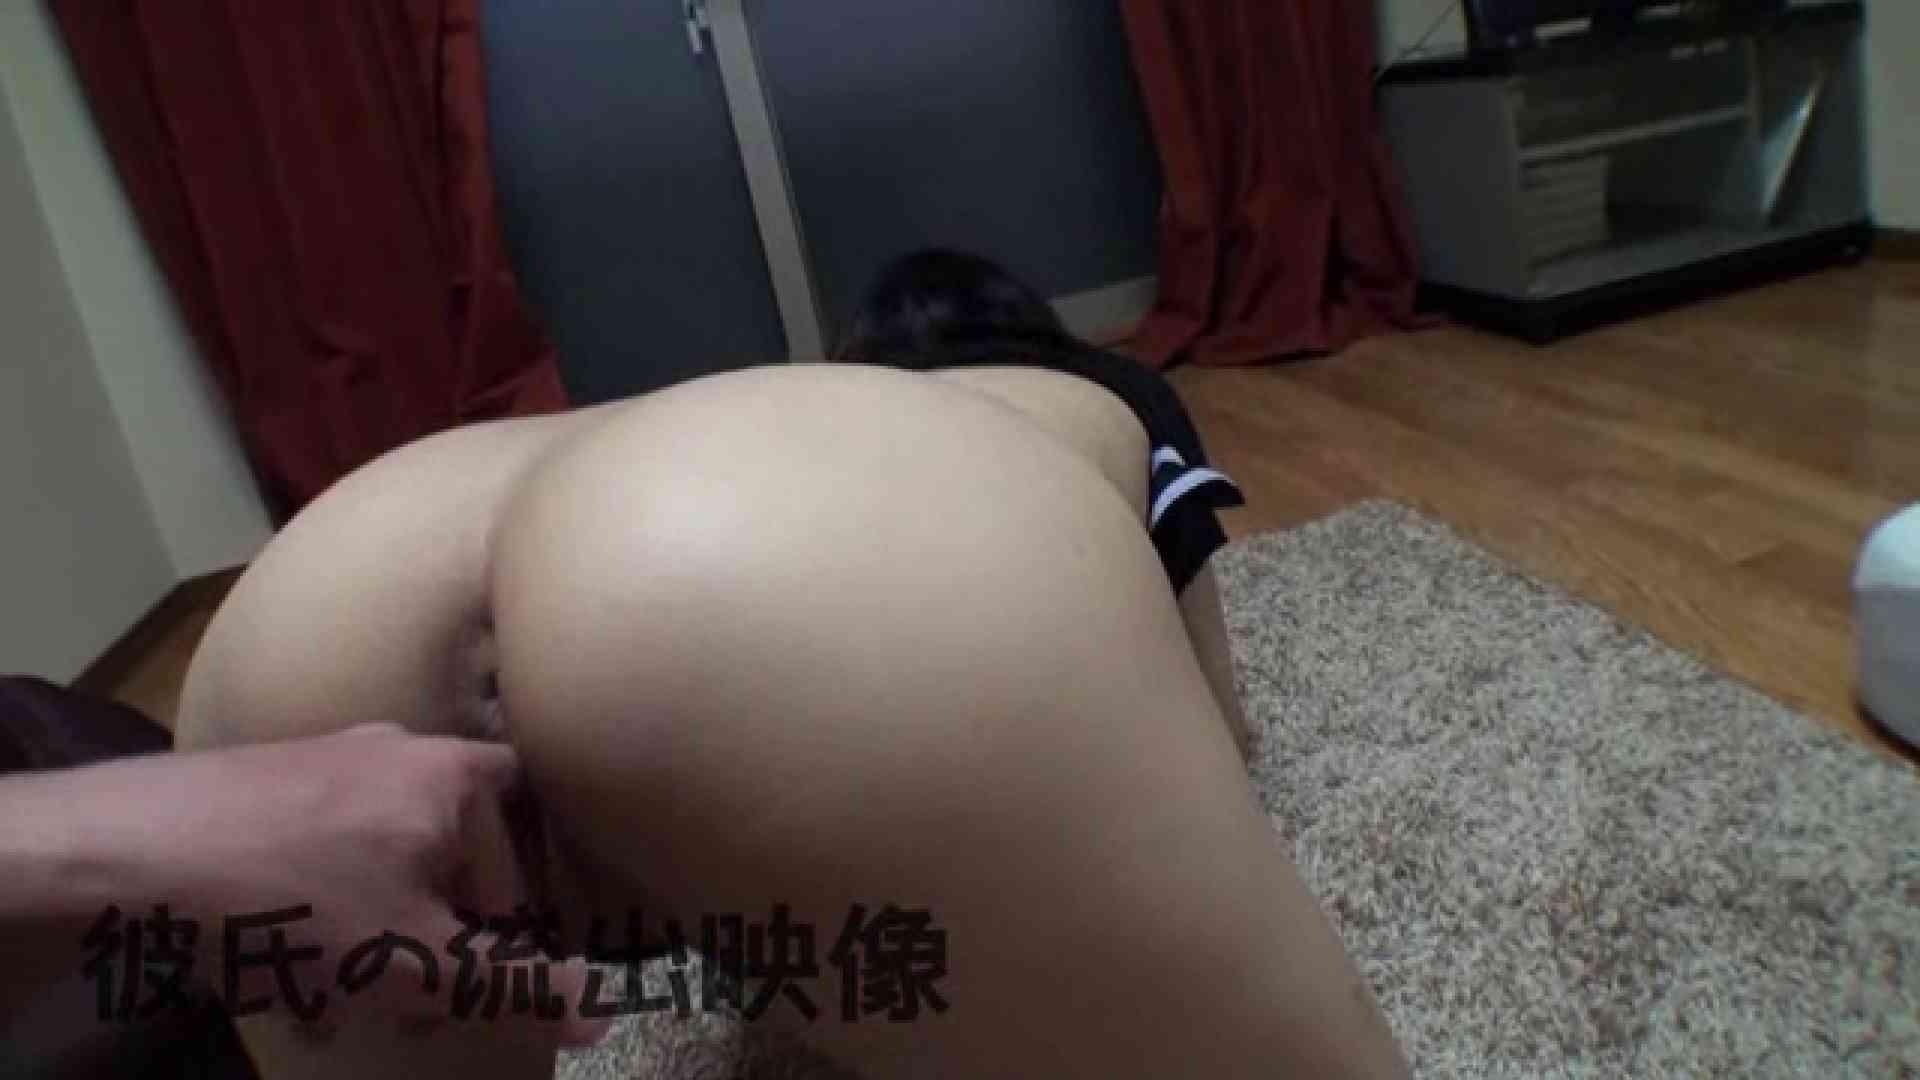 彼氏が流出 パイパン素人嬢のハメ撮り映像 パイパンギャル | 一般投稿  68画像 51